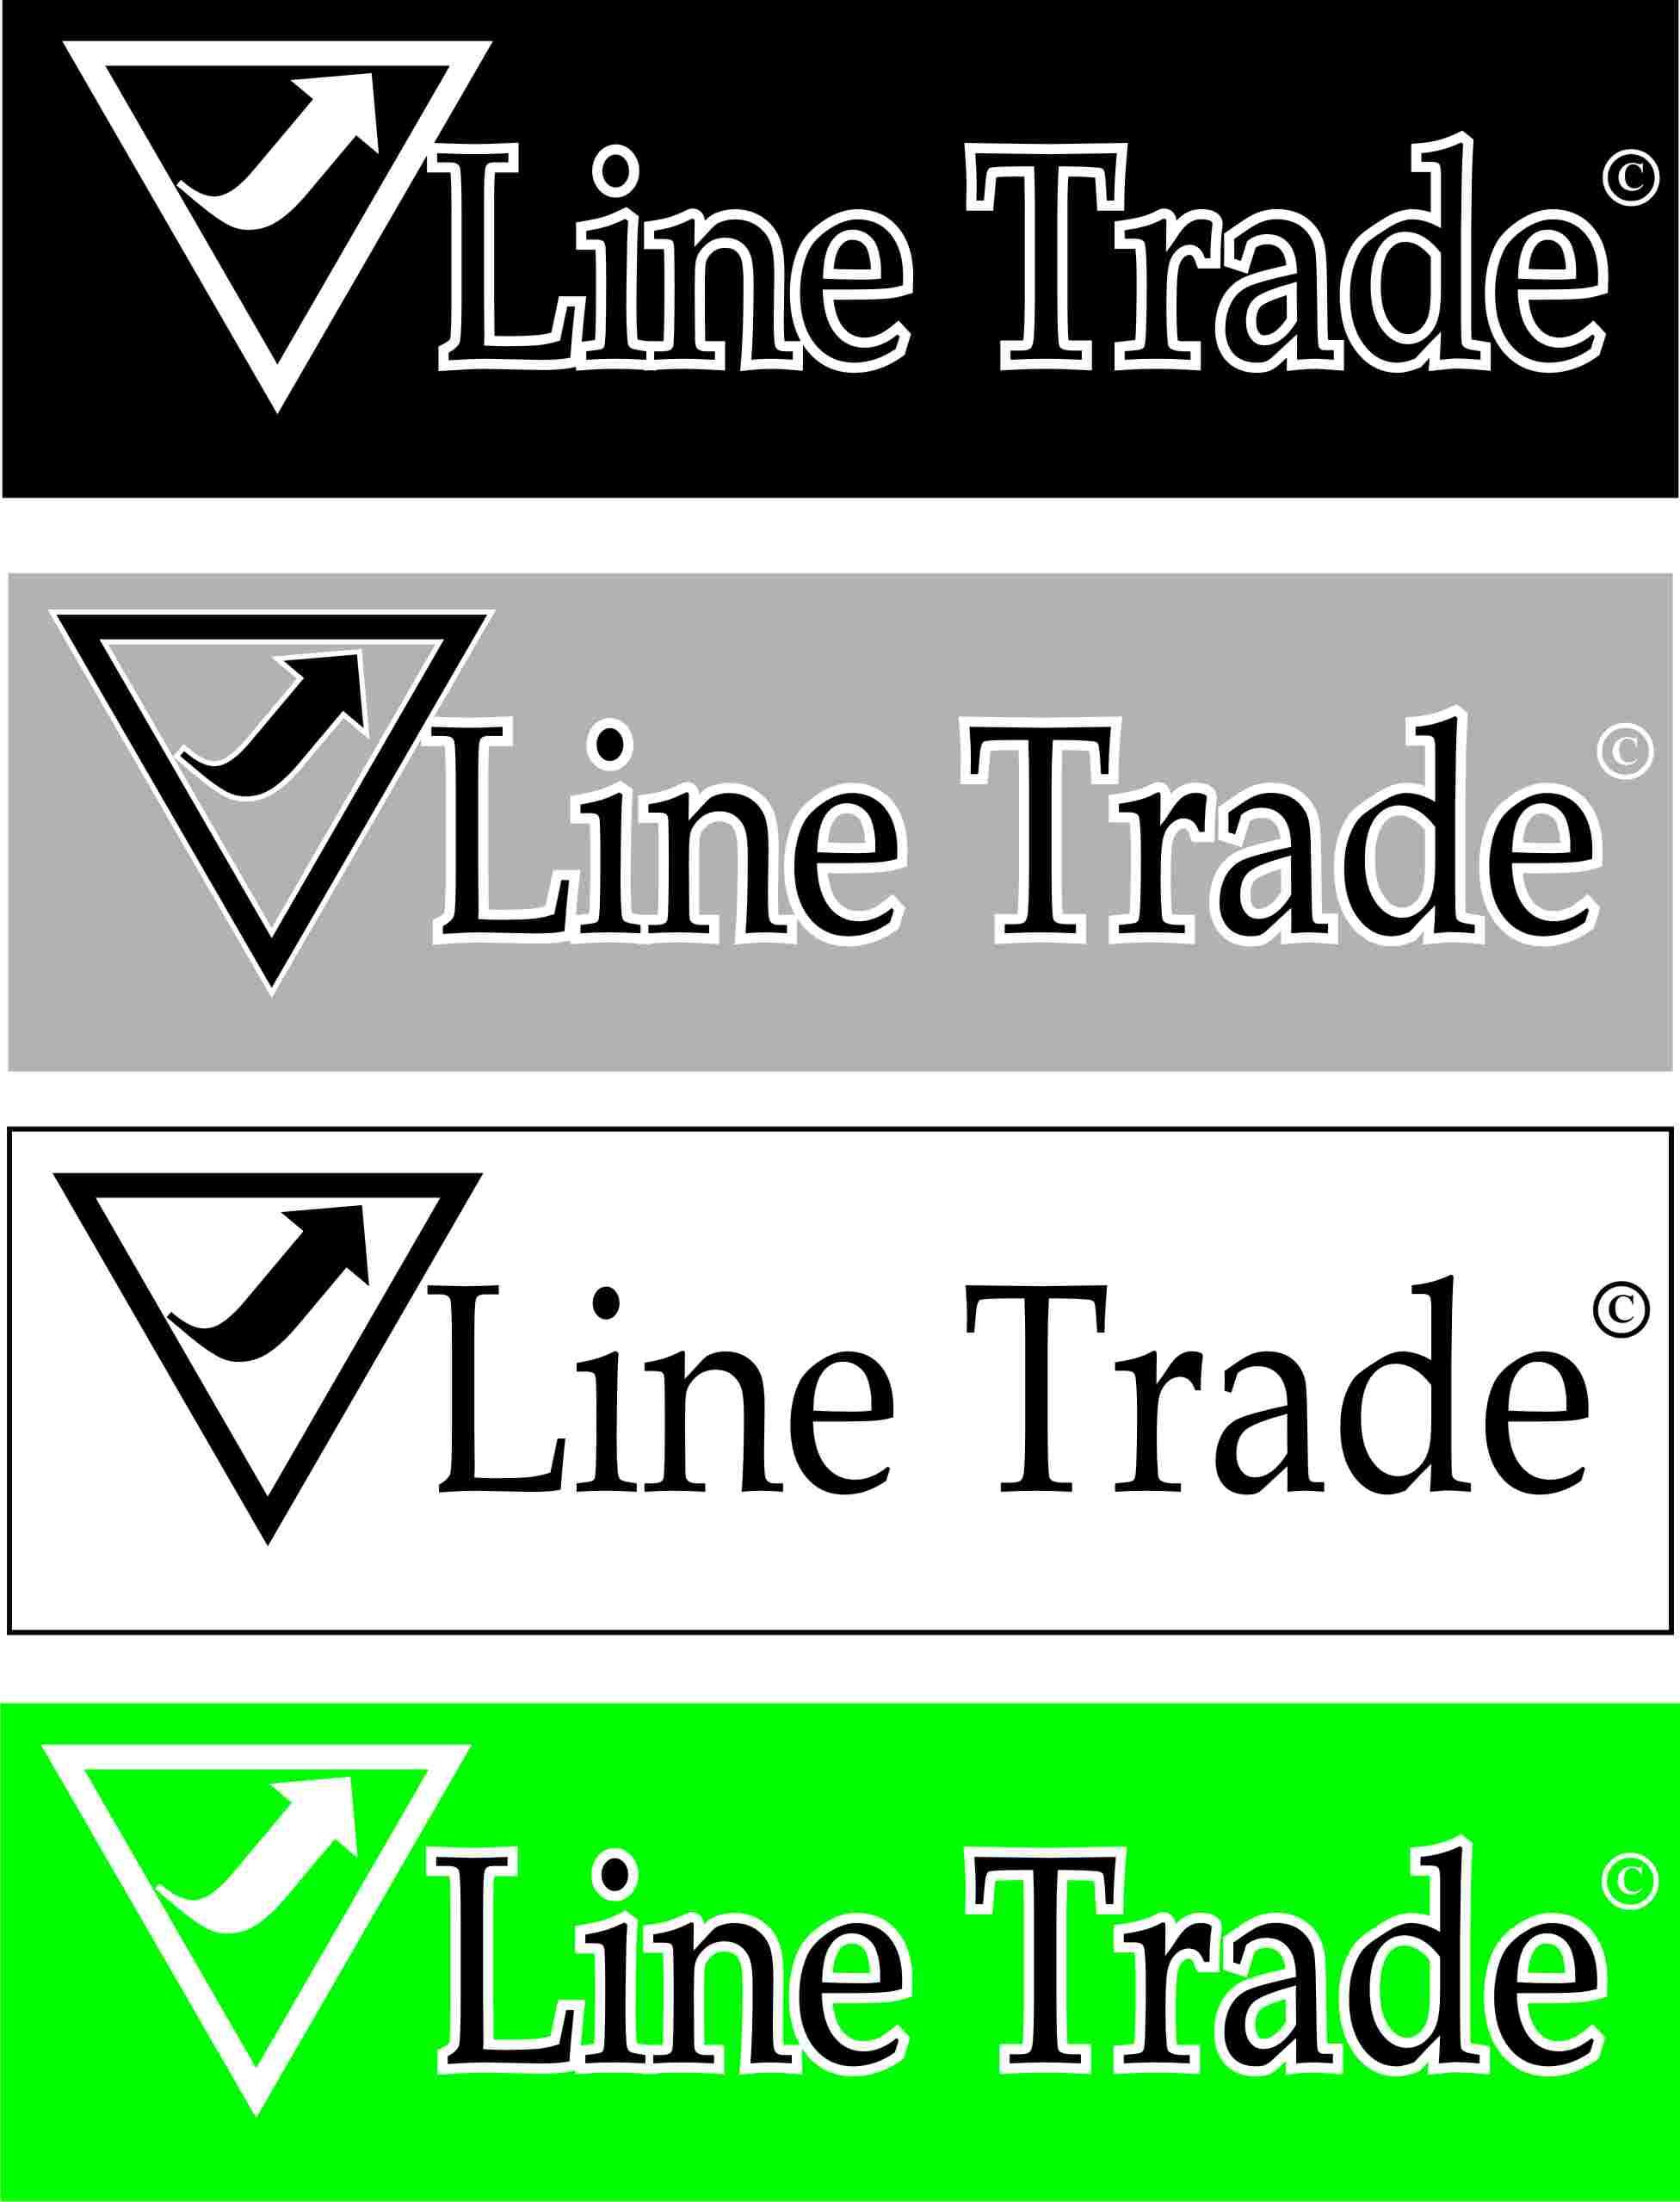 Разработка логотипа компании Line Trade фото f_66950f844903fbb0.jpg